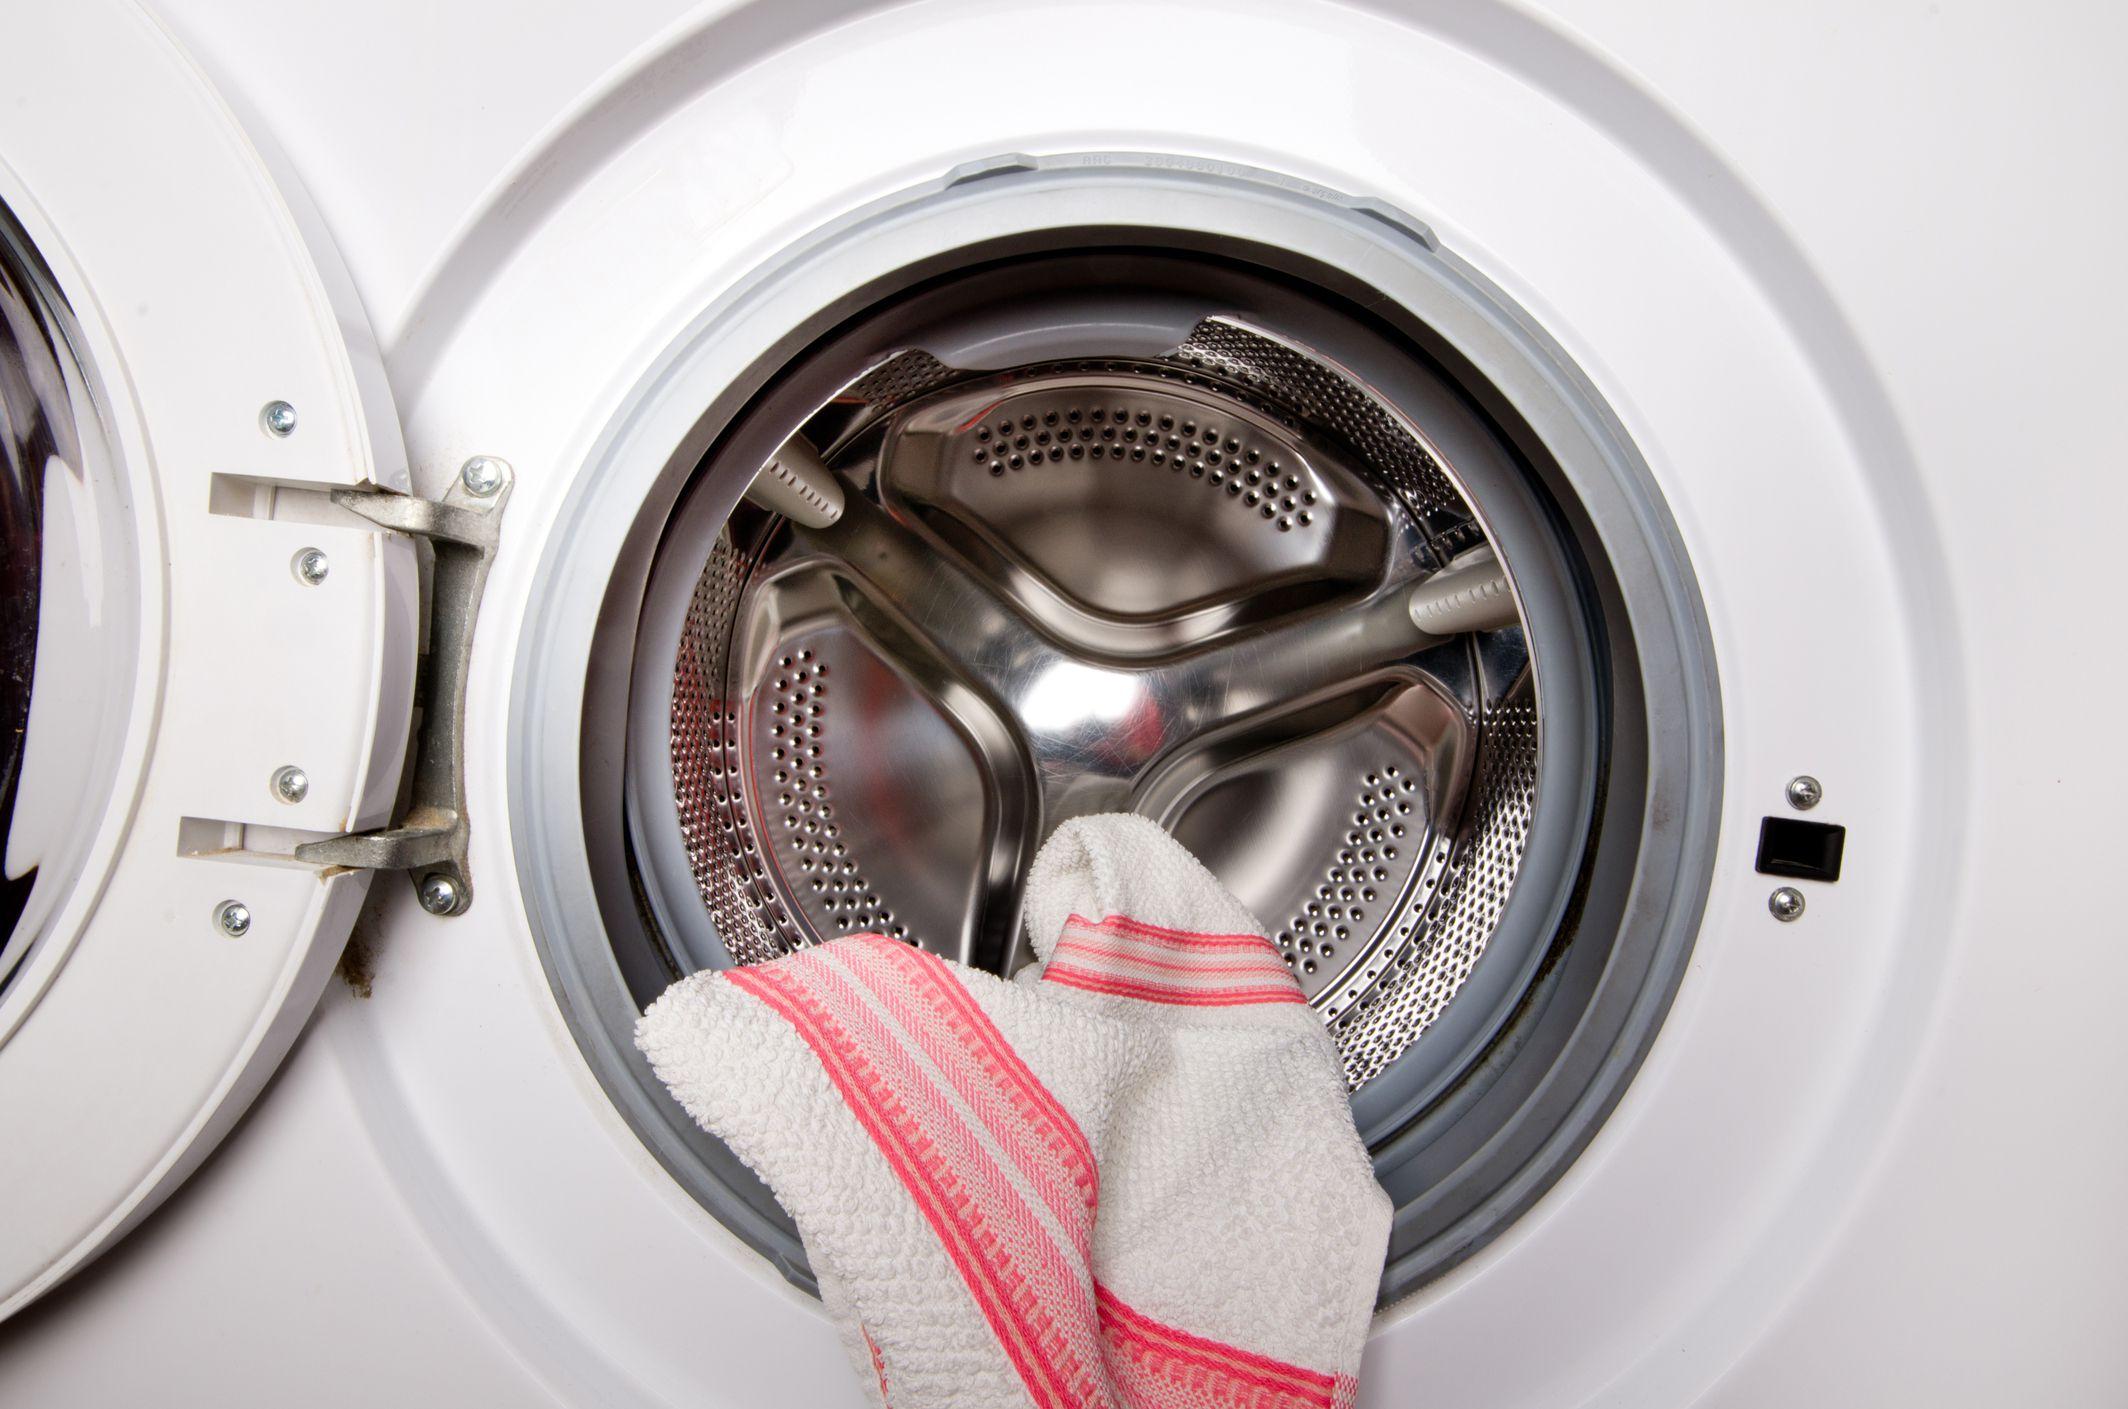 Очистка барабана в стиральной машине lg: как включить функцию самоочистки? особенности работы чистящего режима машины